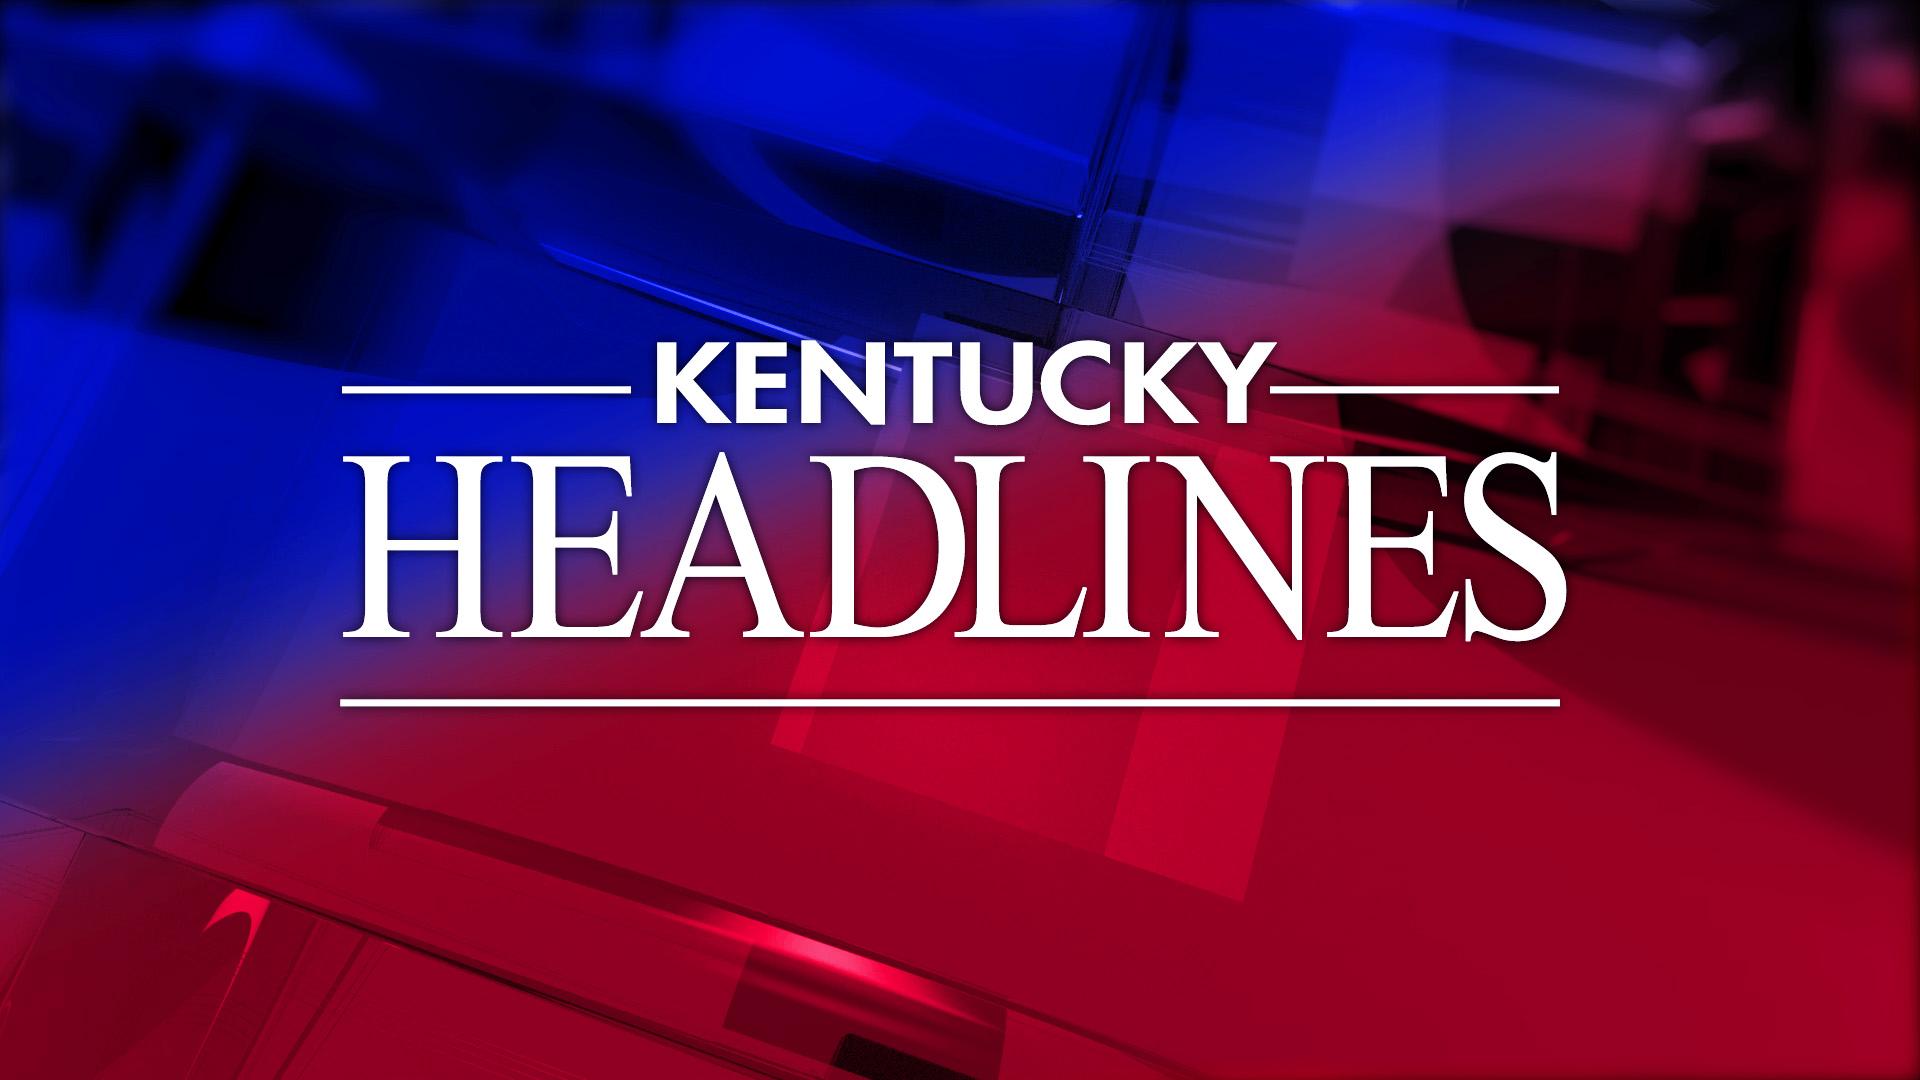 Kentucky Headlines